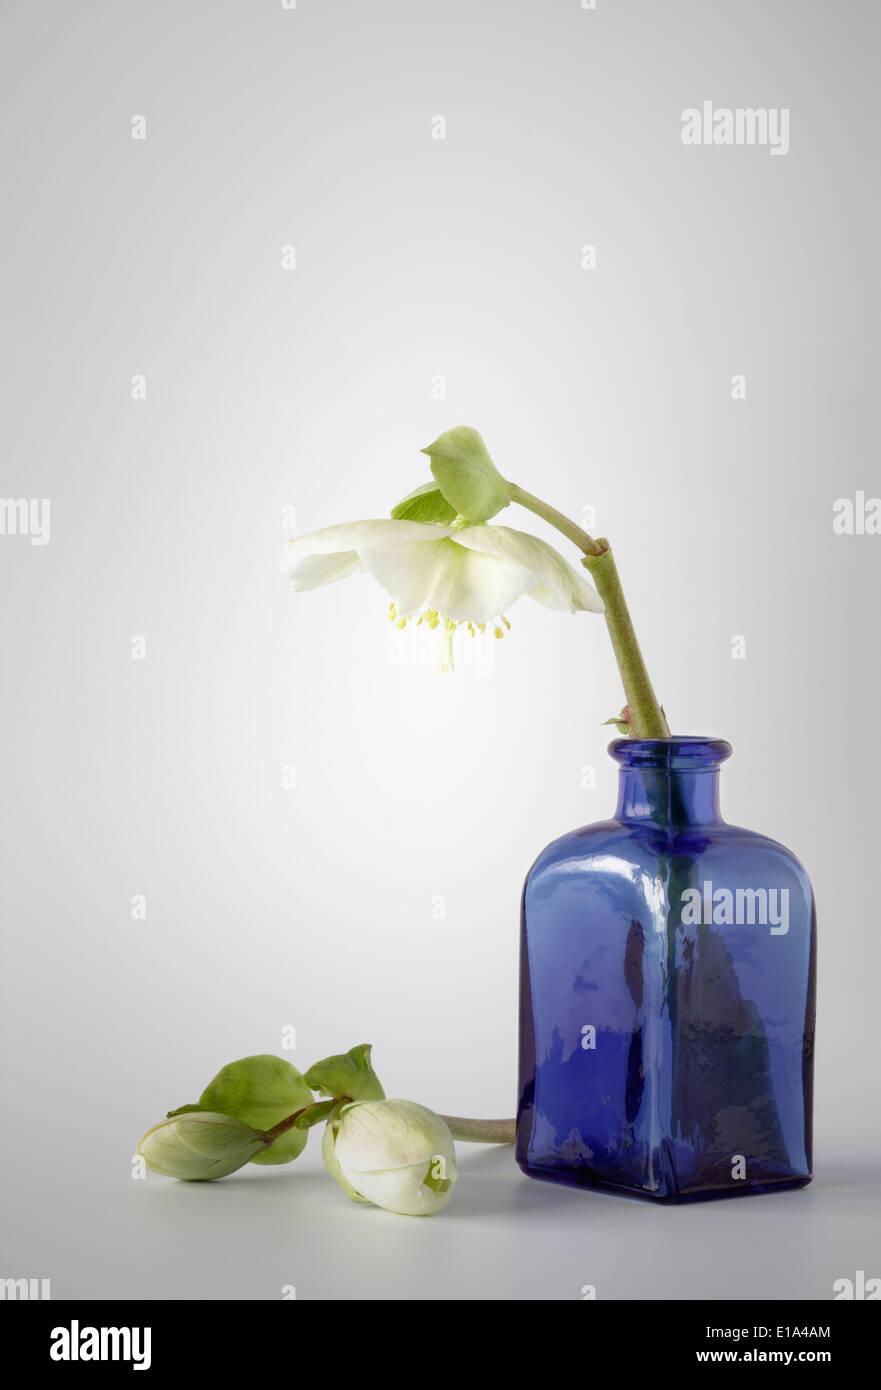 Graines Hellébores blanches avec bouteille en verre bleu Photo Stock